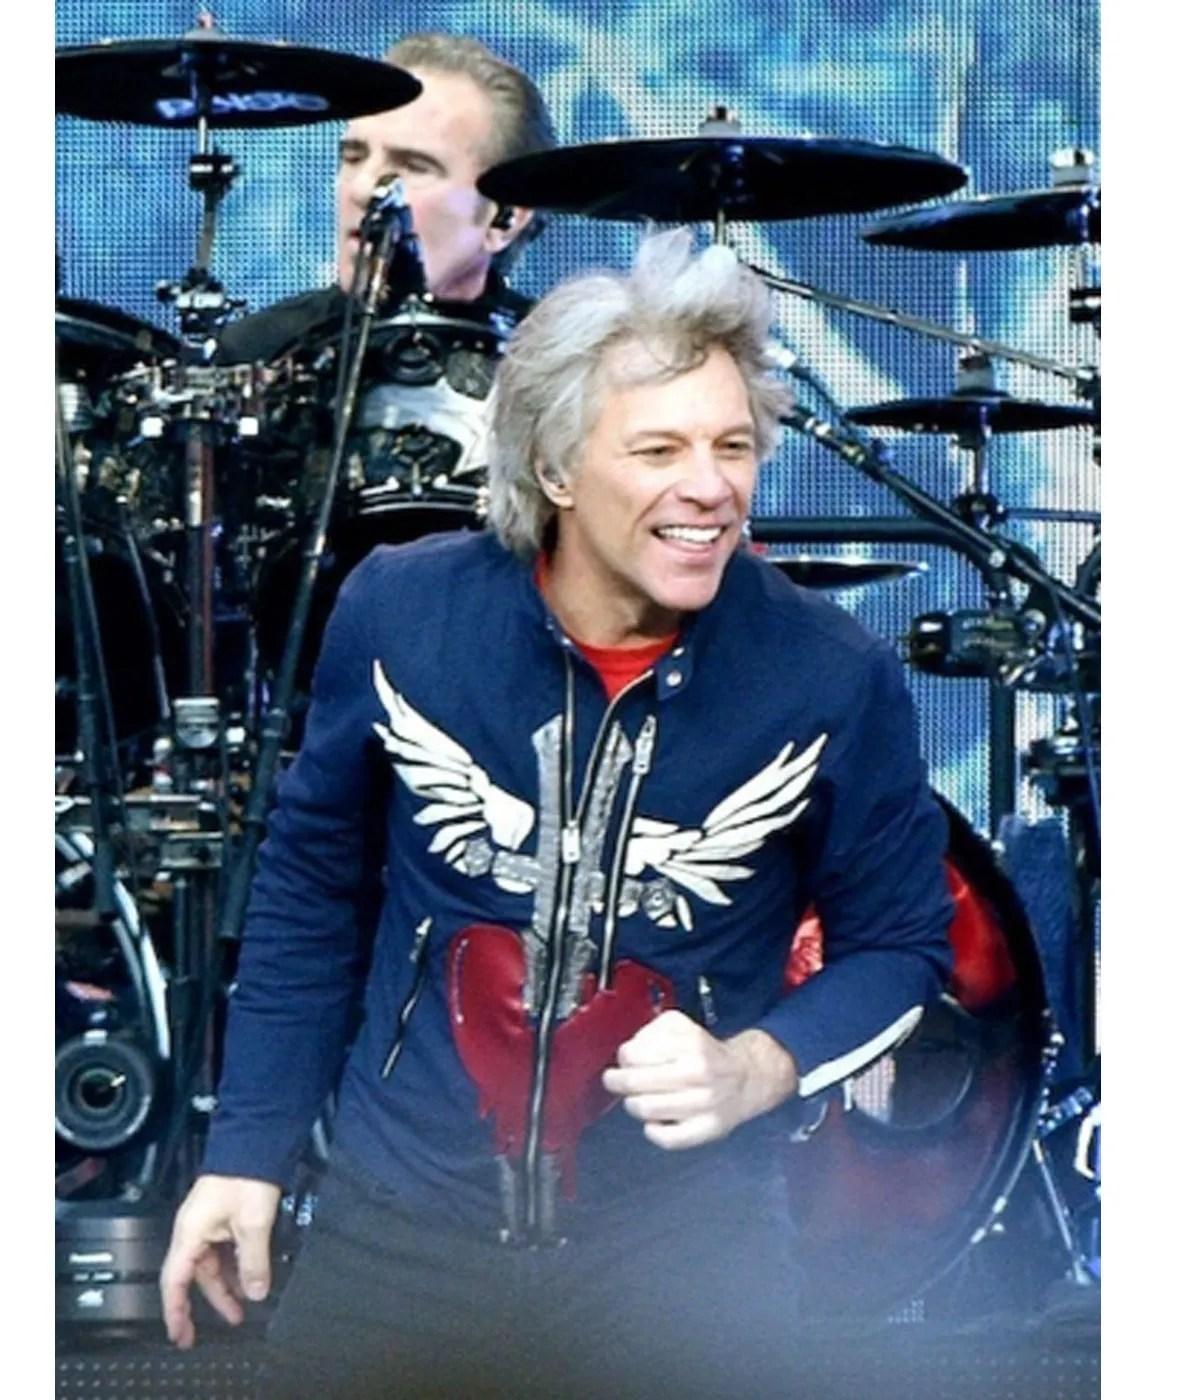 concert-jon-bon-jovi-blue-jacket